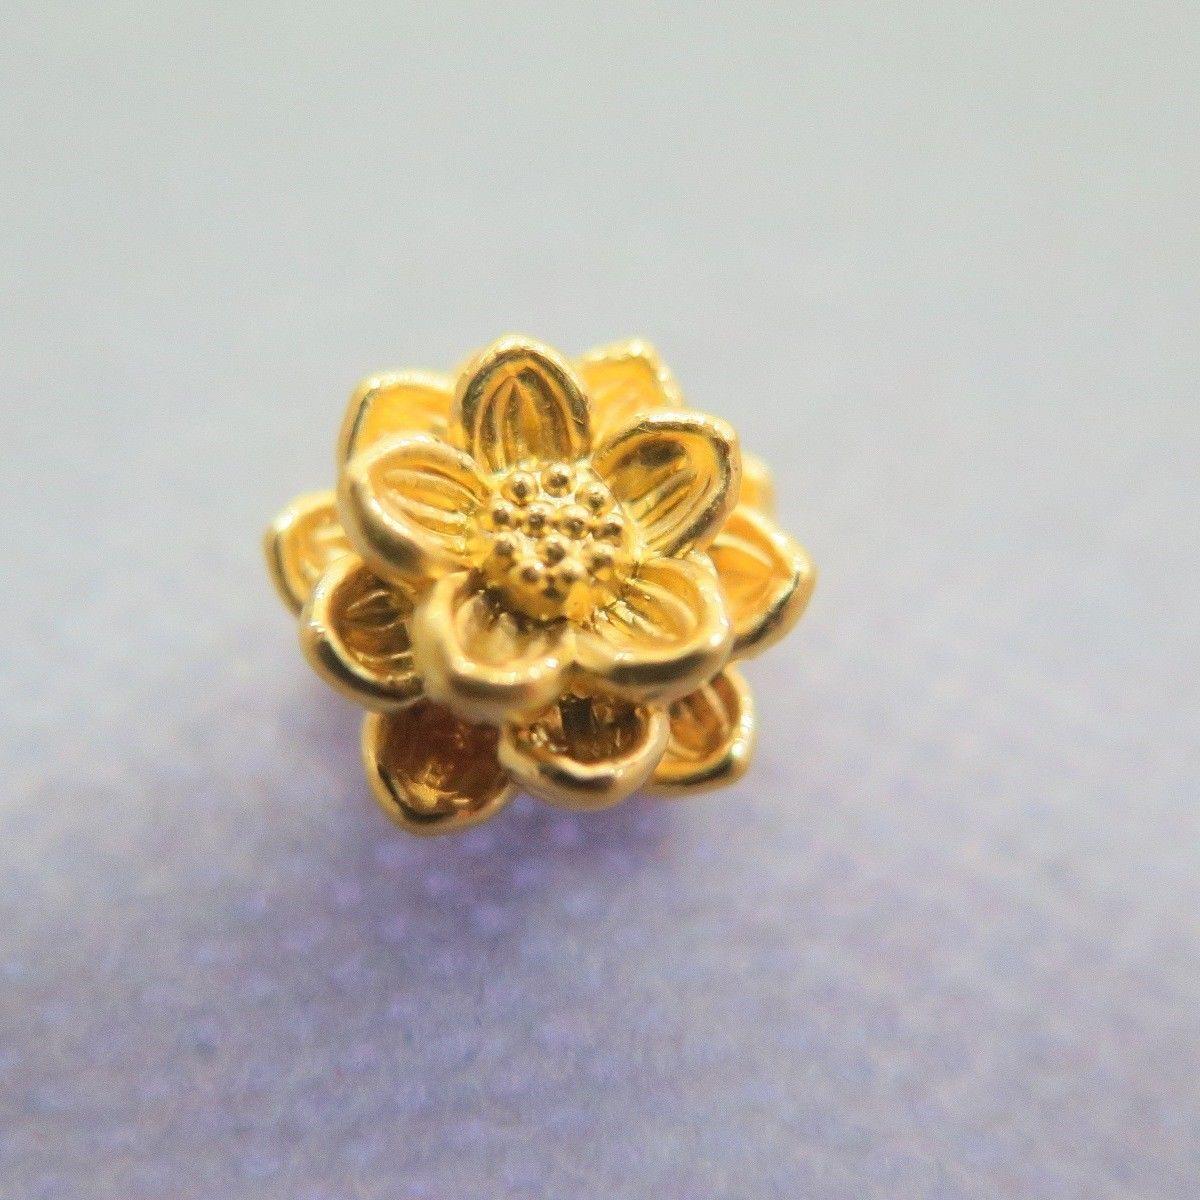 Puro 24k oro Giallo 3d 3d 3d Bless Fiore di Loto Perlina Ciondolo (1pcs Solo 85fd8a